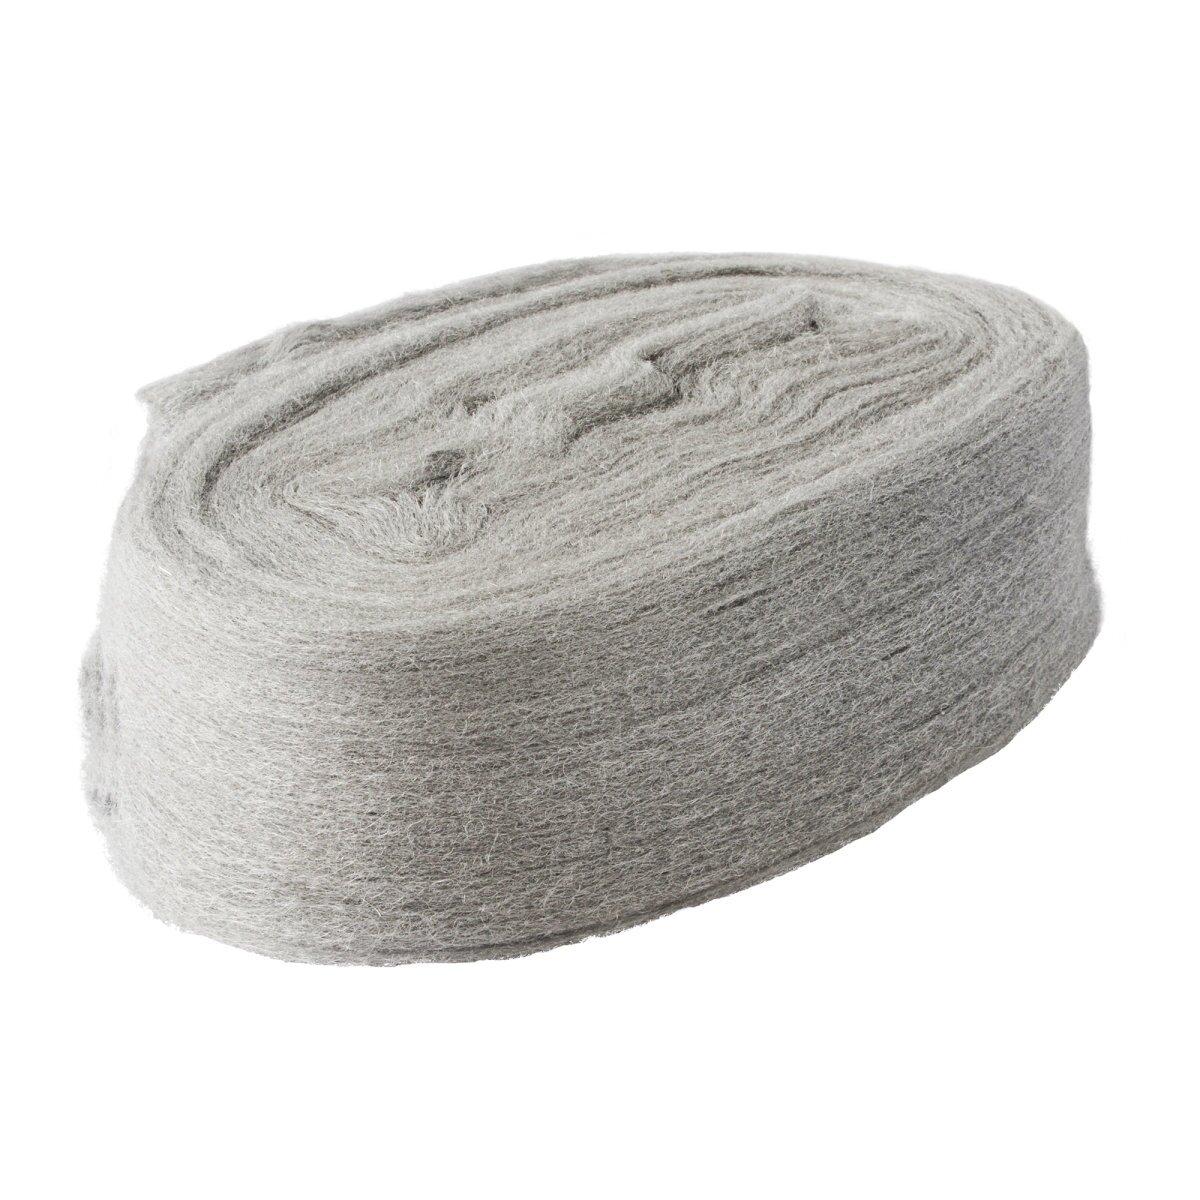 Fine Grade Cloth Backing 2 Width Pack of 10 150 Grit 48 Length 2 Width 48 Length VSM Abrasives Co. Black Silicon Carbide VSM 119497 Abrasive Belt